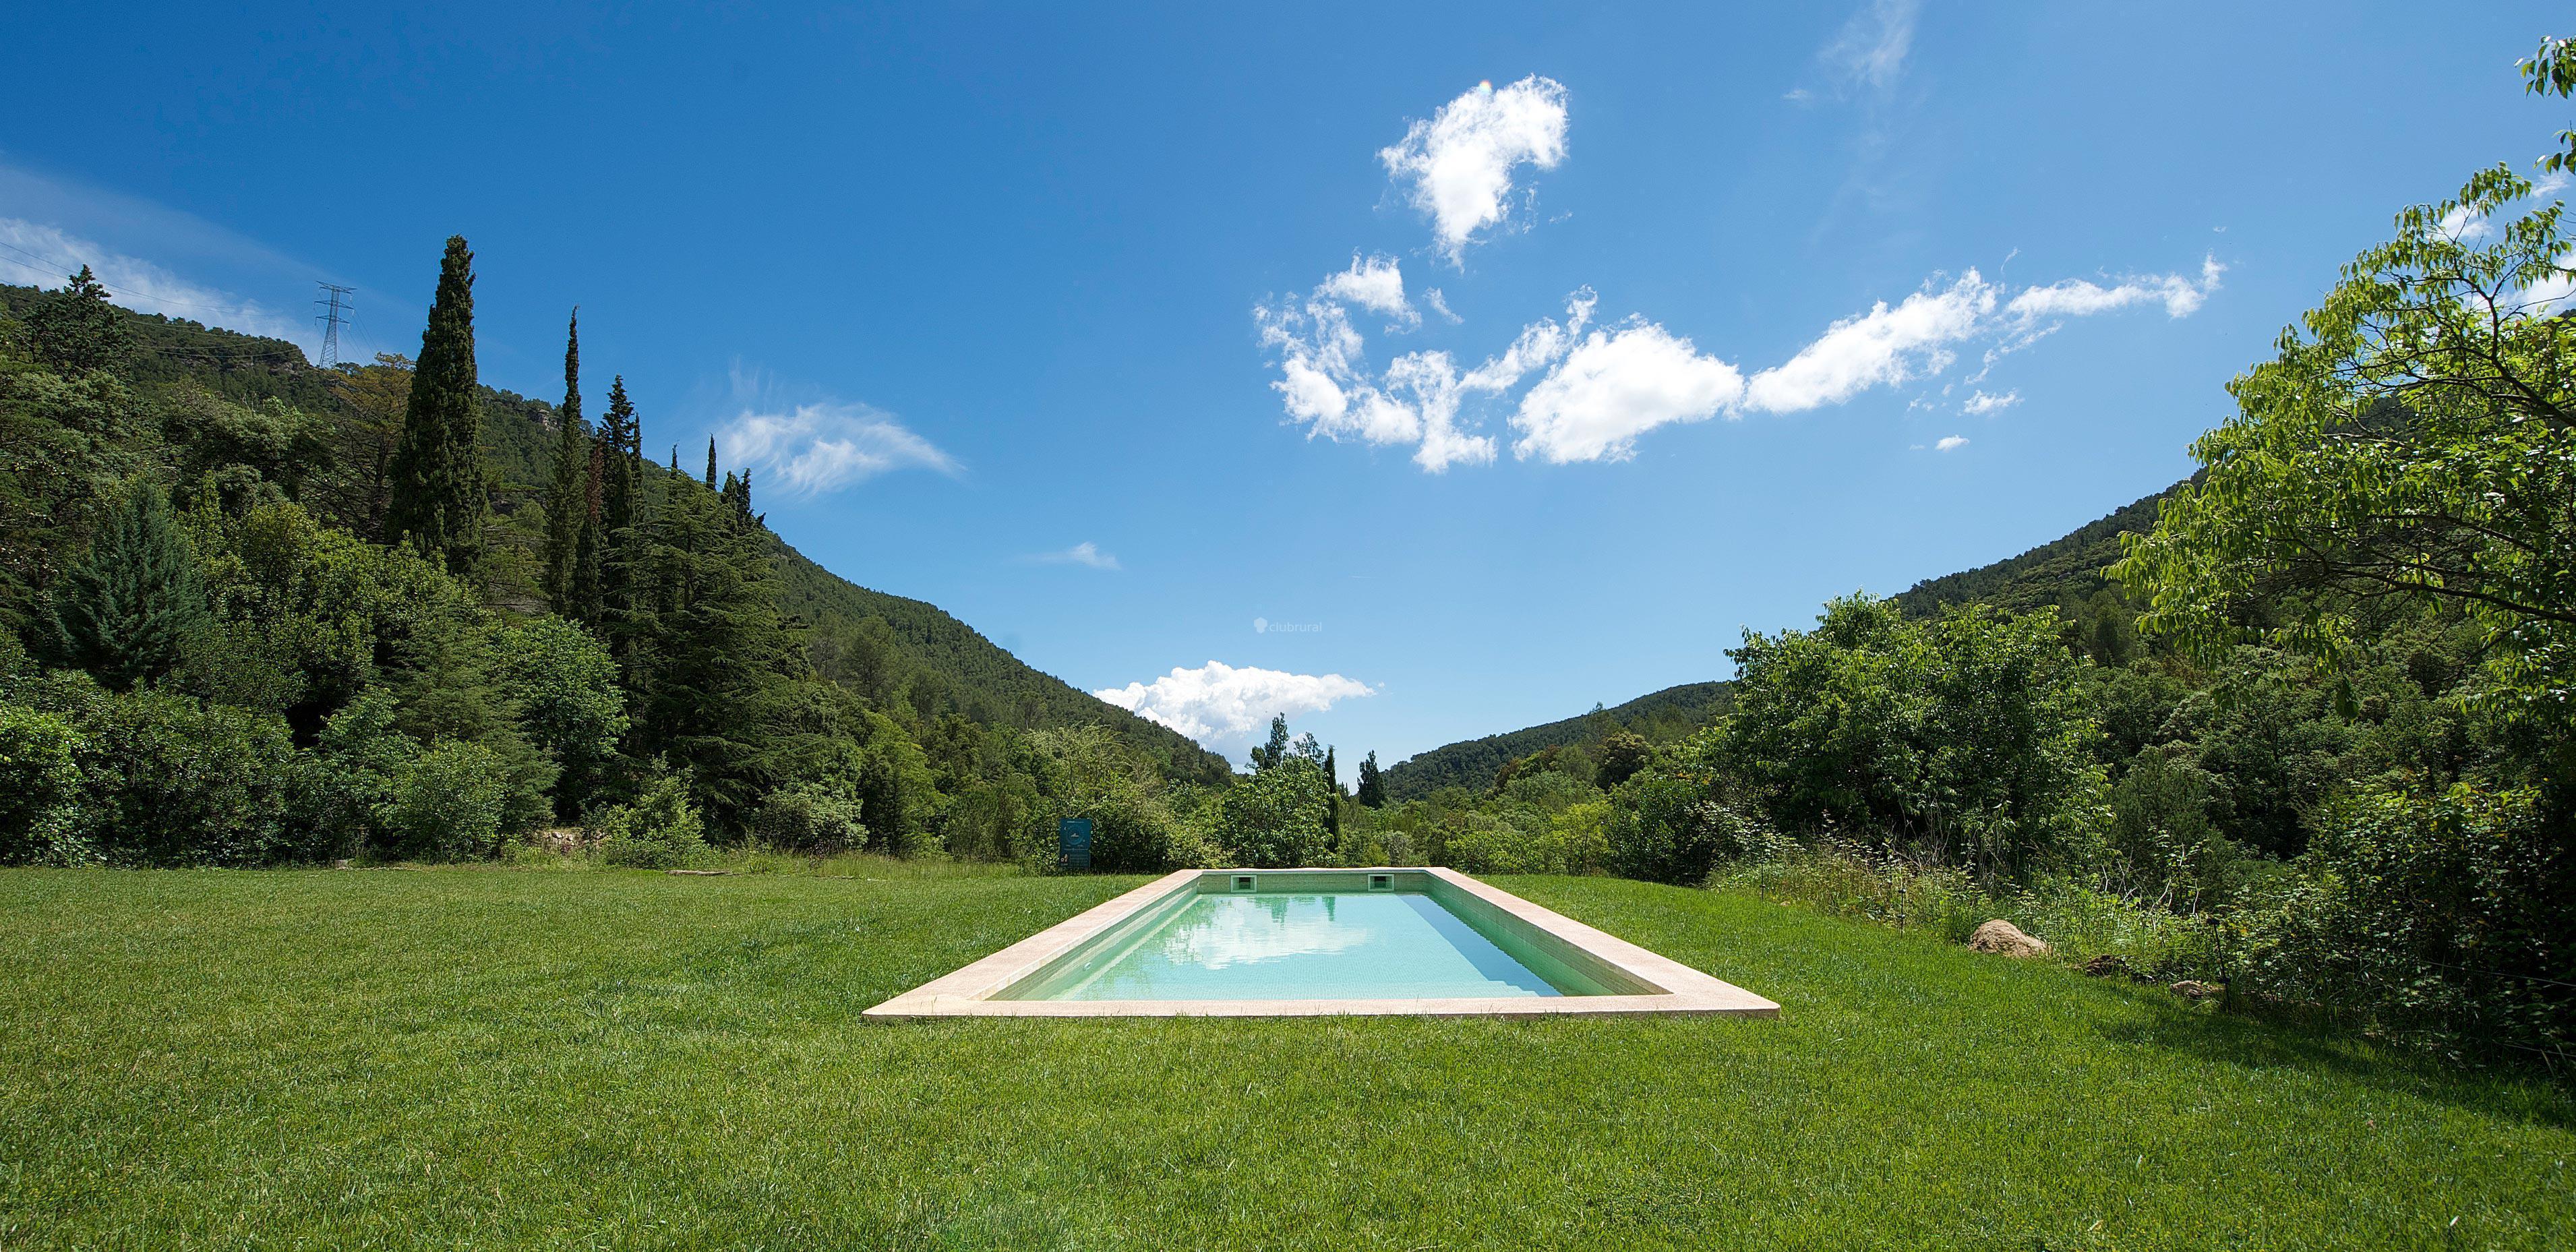 Fotos de mas corbella tarragona alcover clubrural for Casa rural tarragona